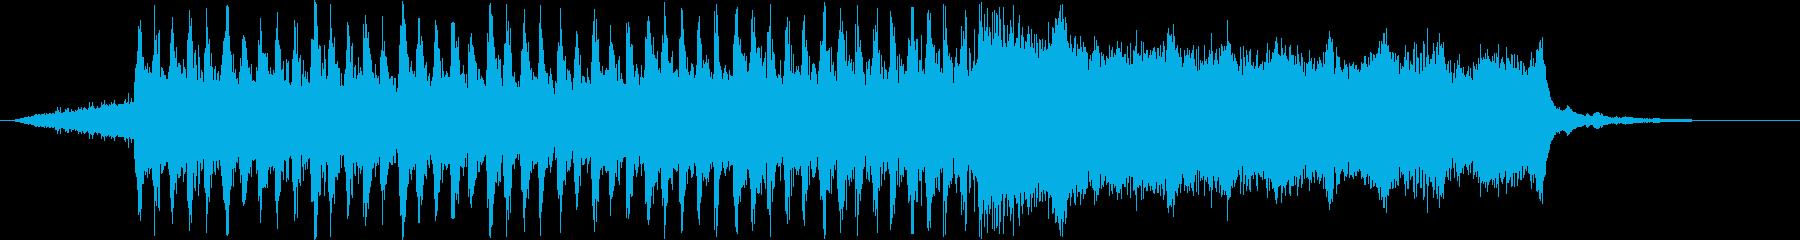 浮遊感、広がりのあるシンセサイザー音の再生済みの波形